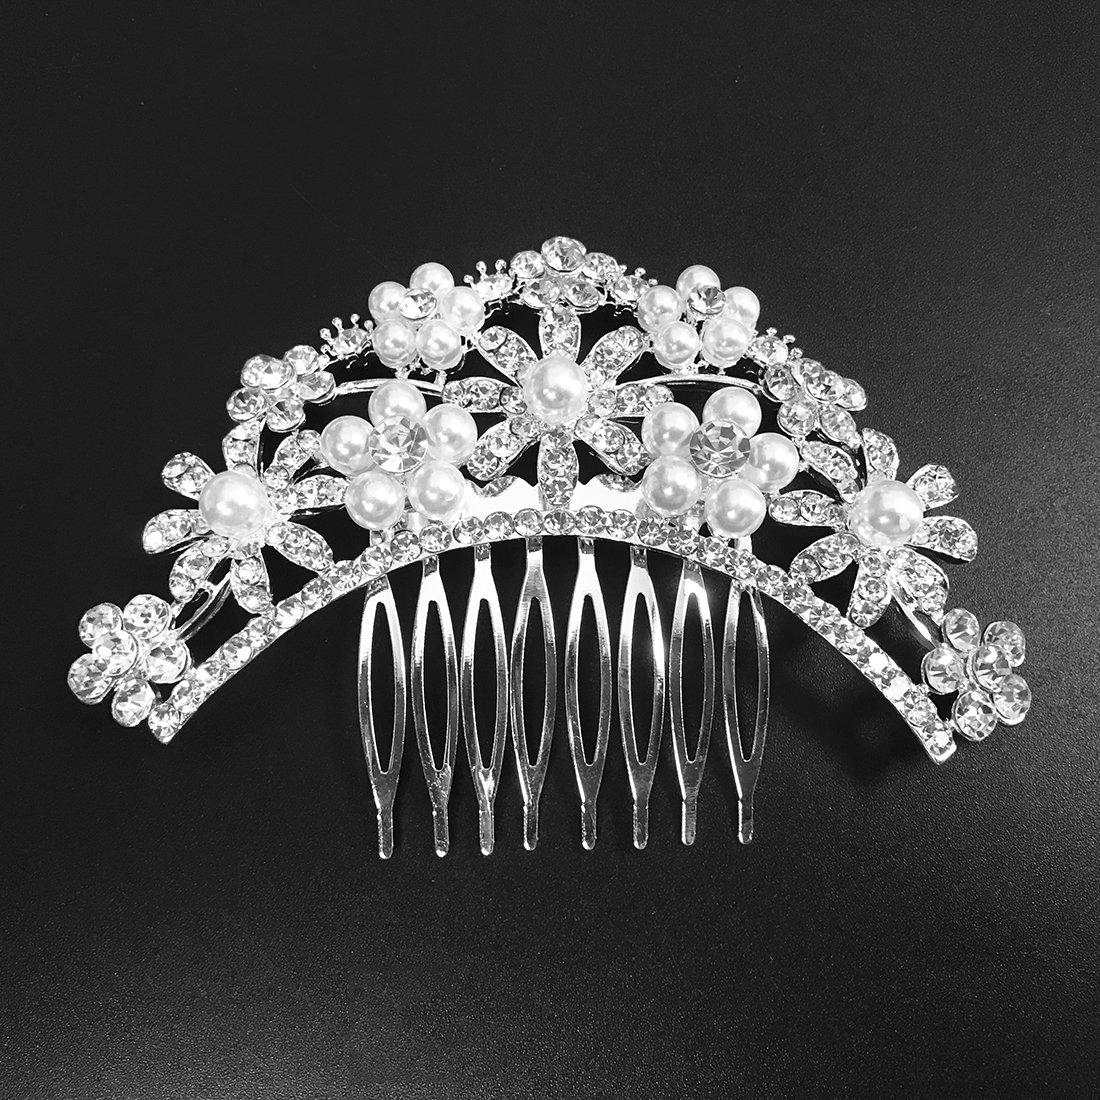 Miaoo Haarkamm mit Diamanten für Frauen, Brautschmuck, Haarclip